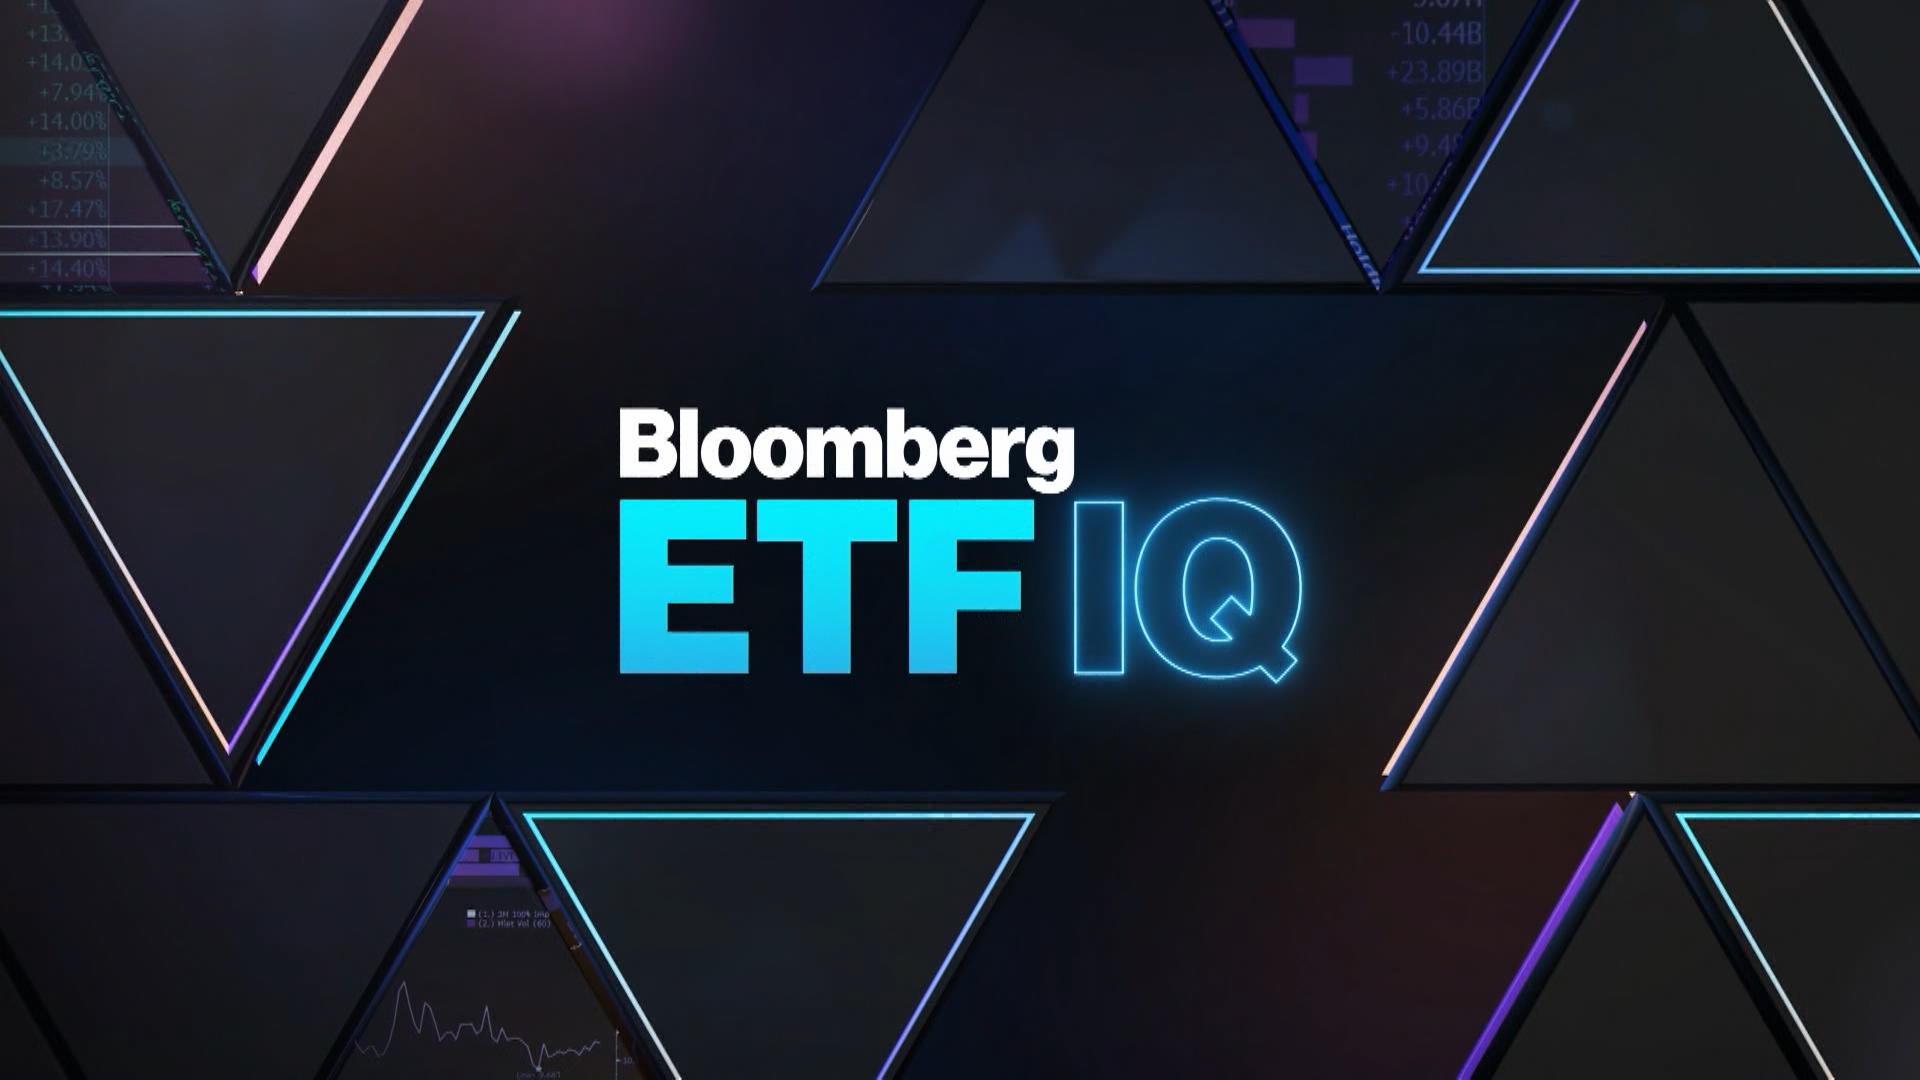 'Bloomberg ETF IQ' Full Show (01/16/2019)